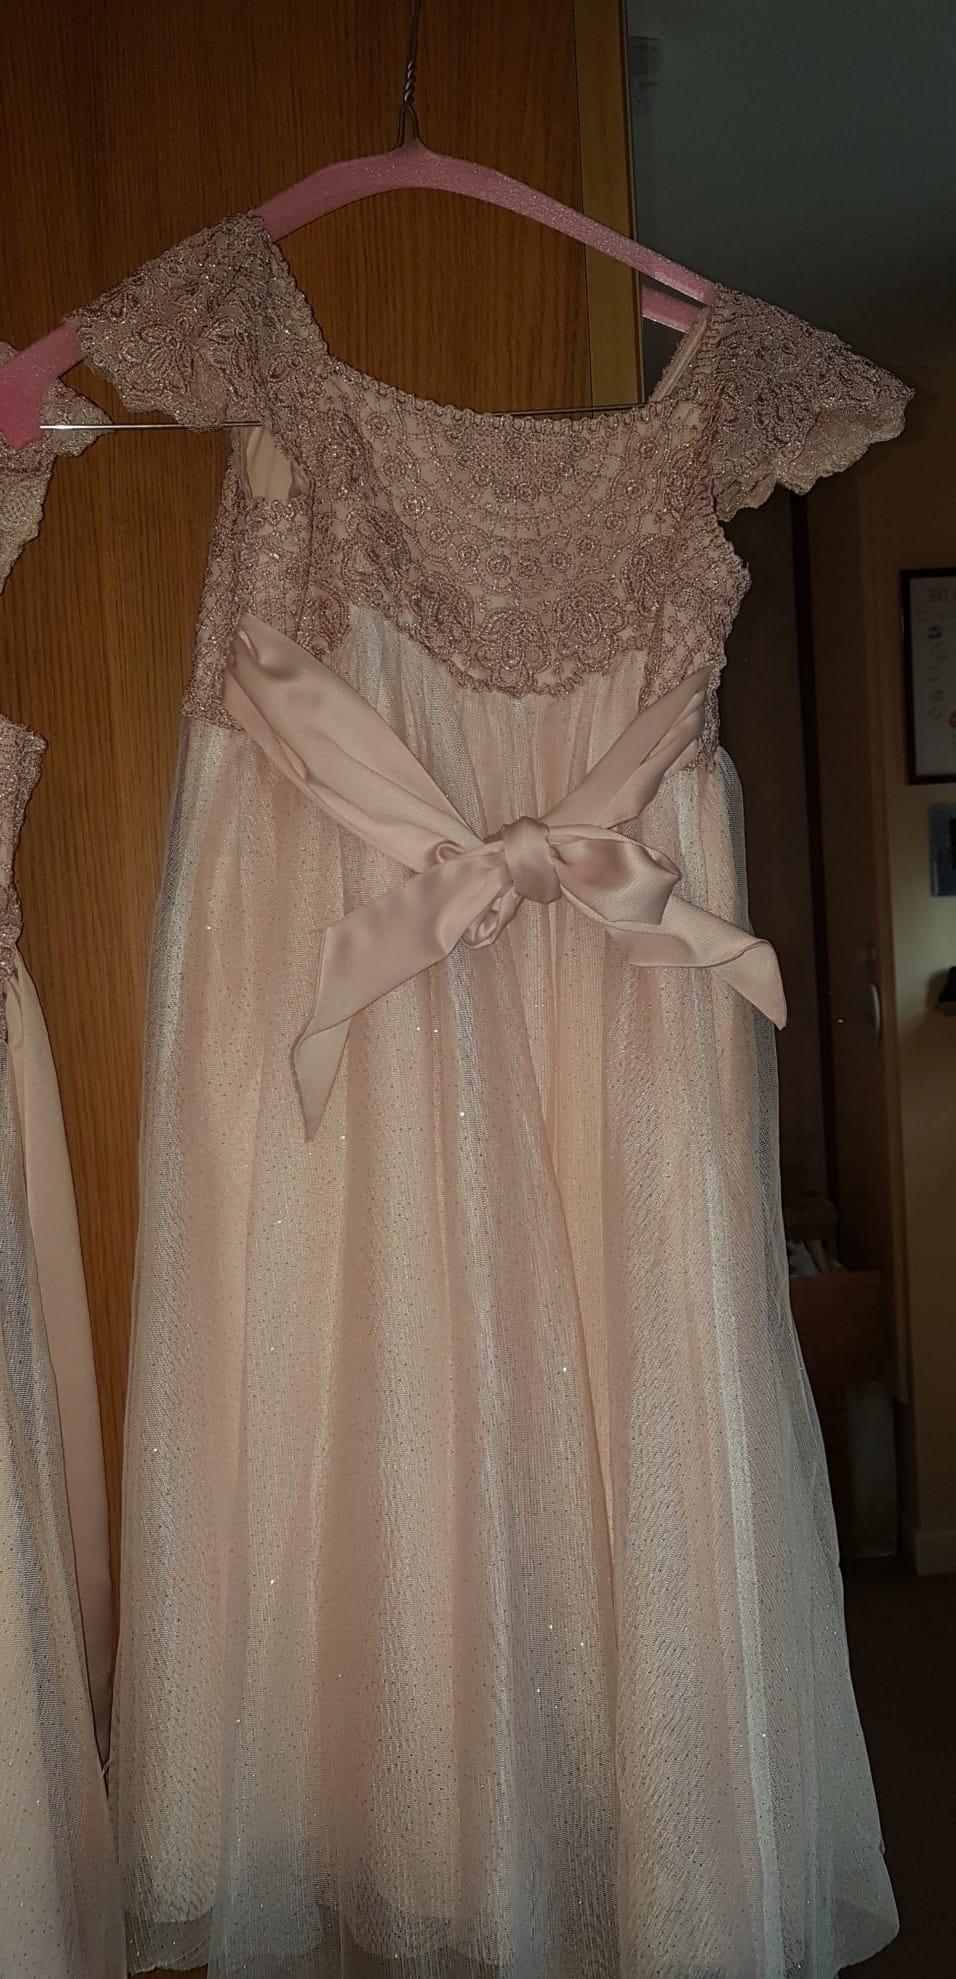 06a35b2c3 Monsoon Gold Flower Girl Dresses